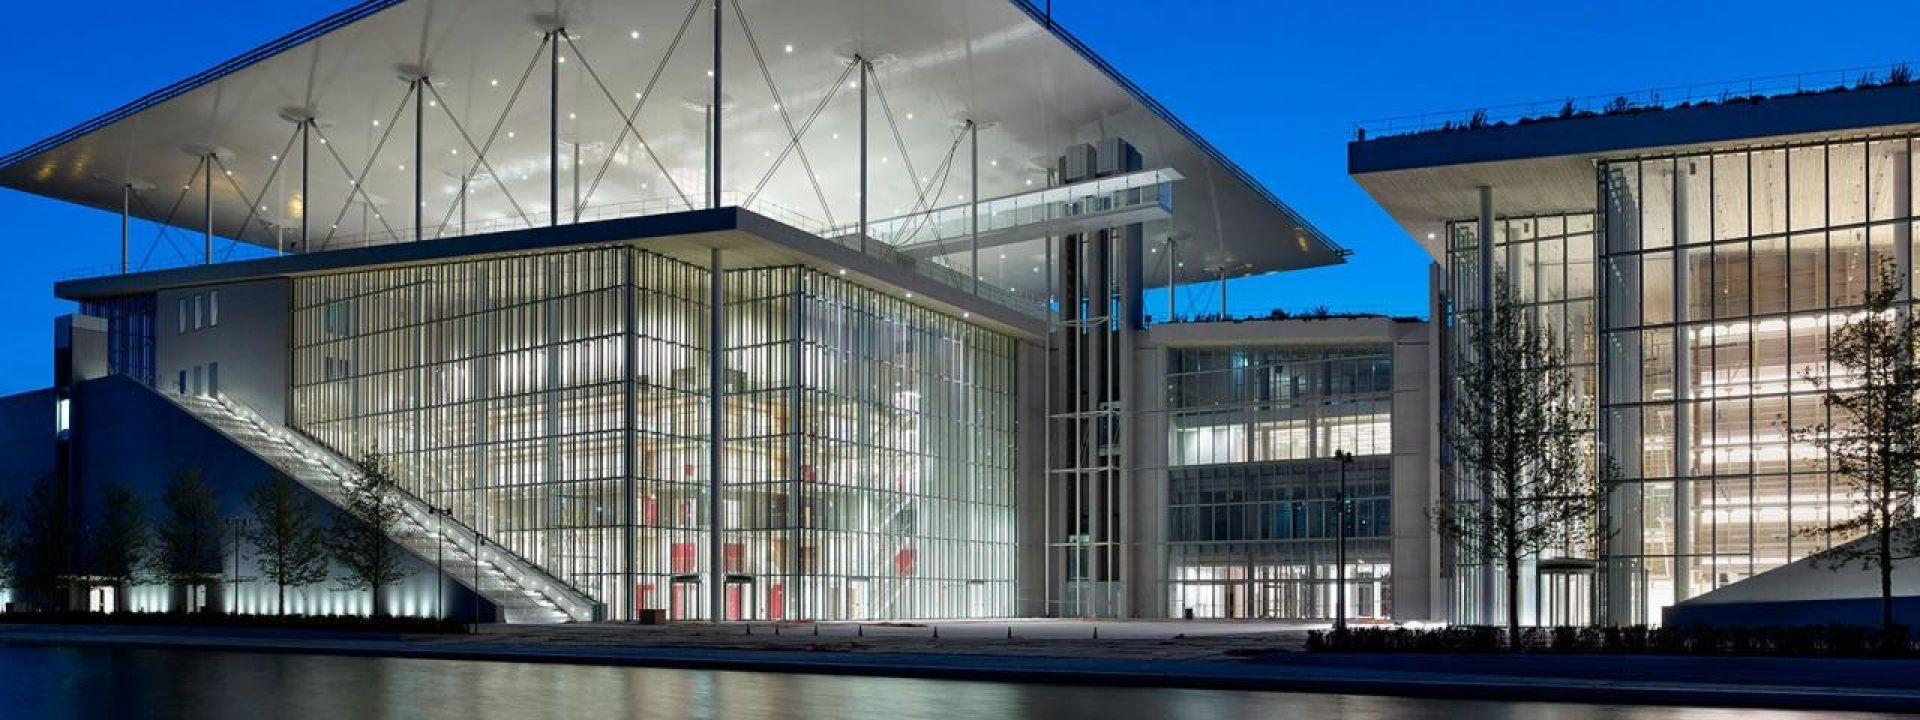 Φωτογραφία από το κτίριο του Κέντρου Πολιτισμού Ίδρυμα Σταύρος Νιάρχος